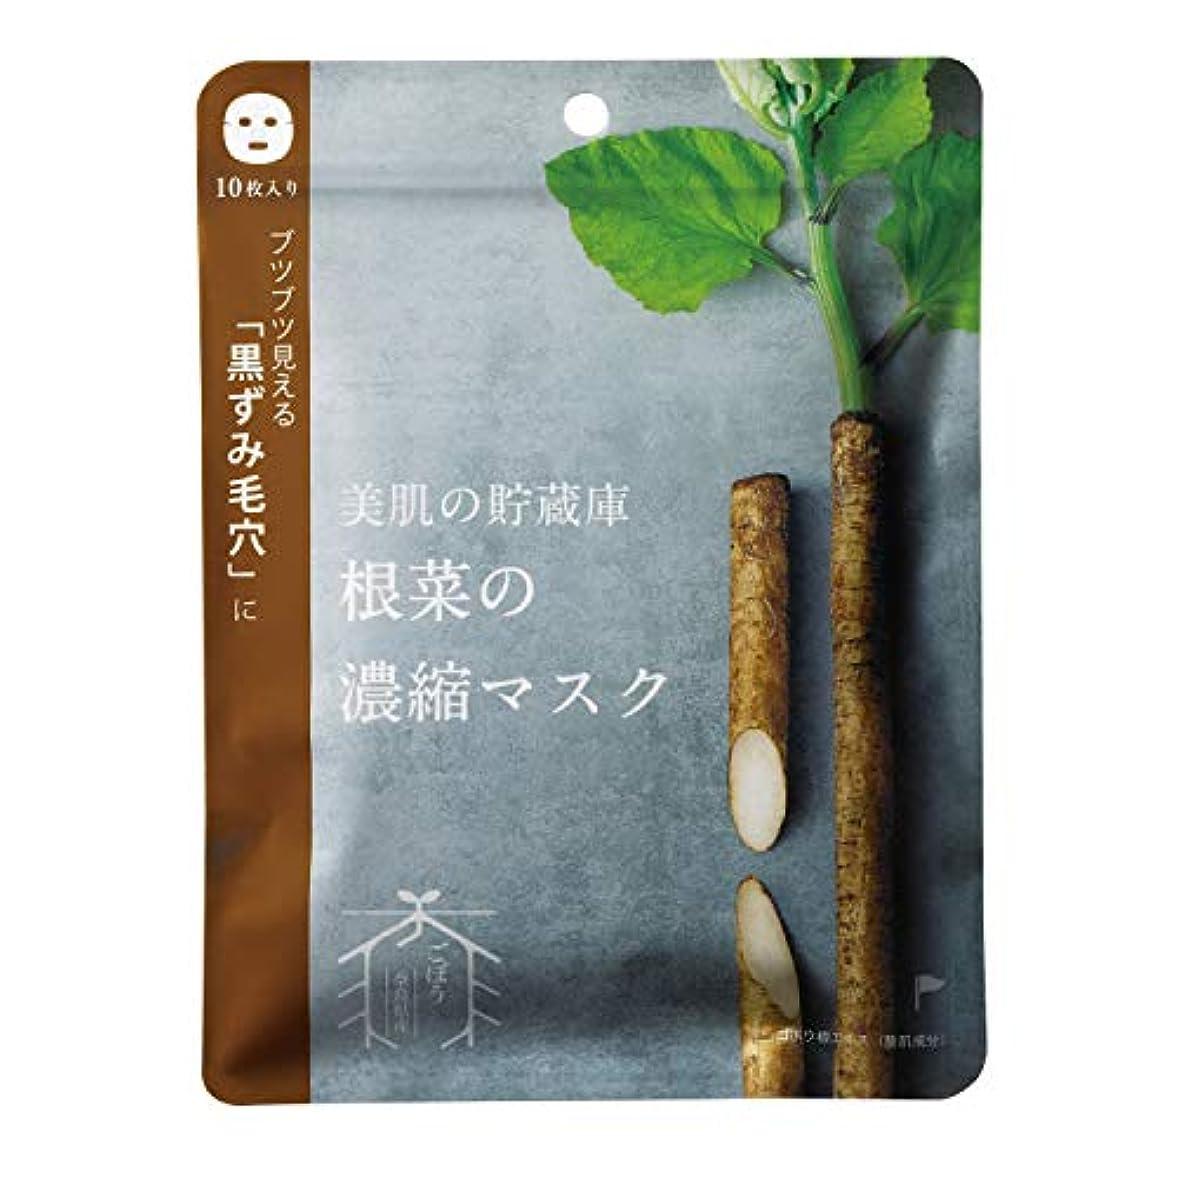 取る可決構成員@cosme nippon 美肌の貯蔵庫 根菜の濃縮マスク 宇陀金ごぼう 10枚 160ml